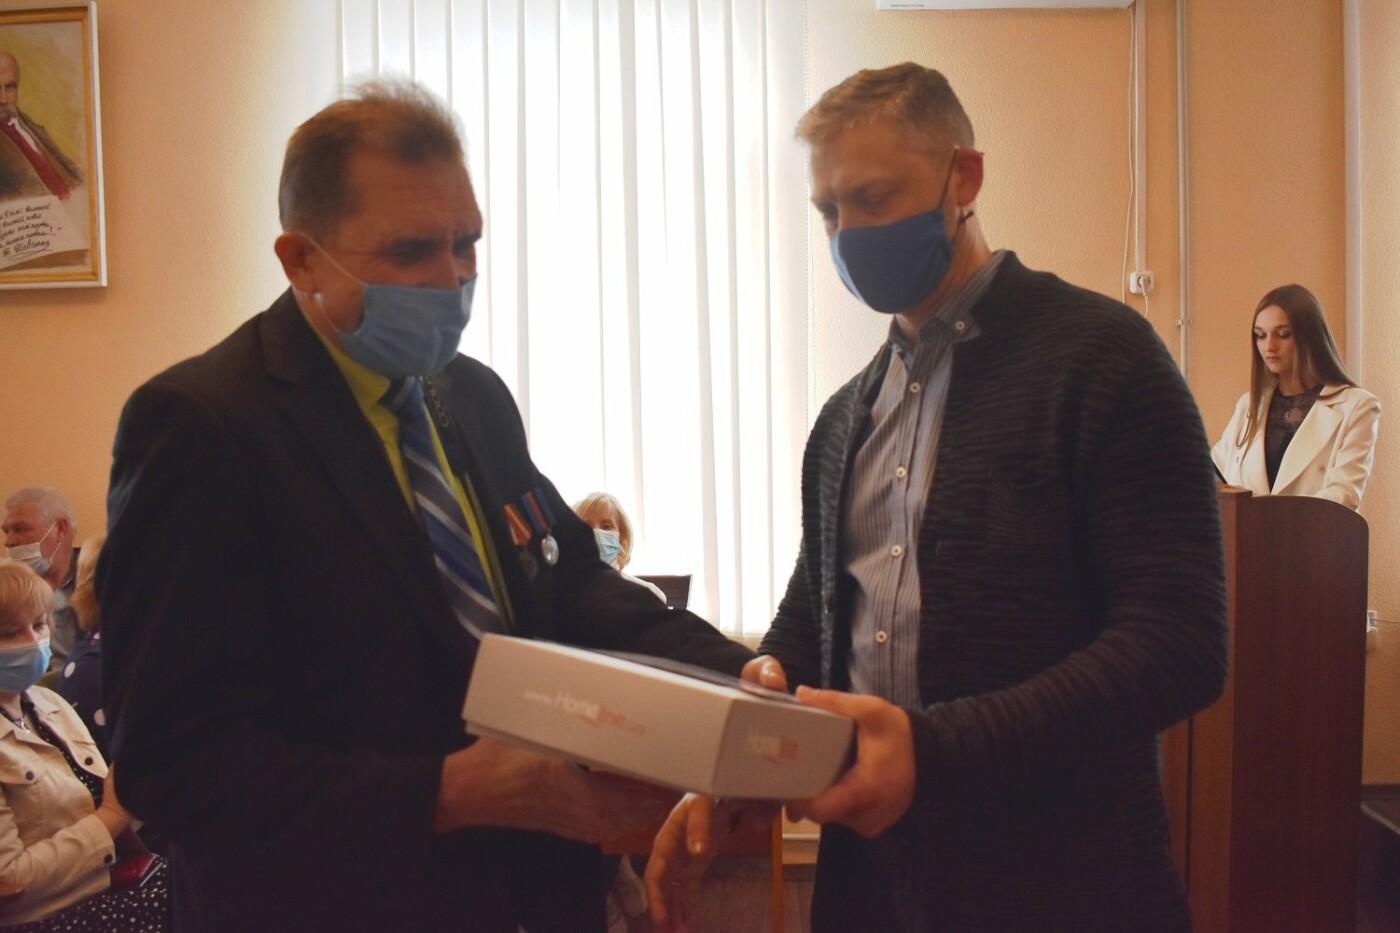 В Северодонецке наградили грамотами ликвидаторов чернобыльской катастрофы (фото), фото-7